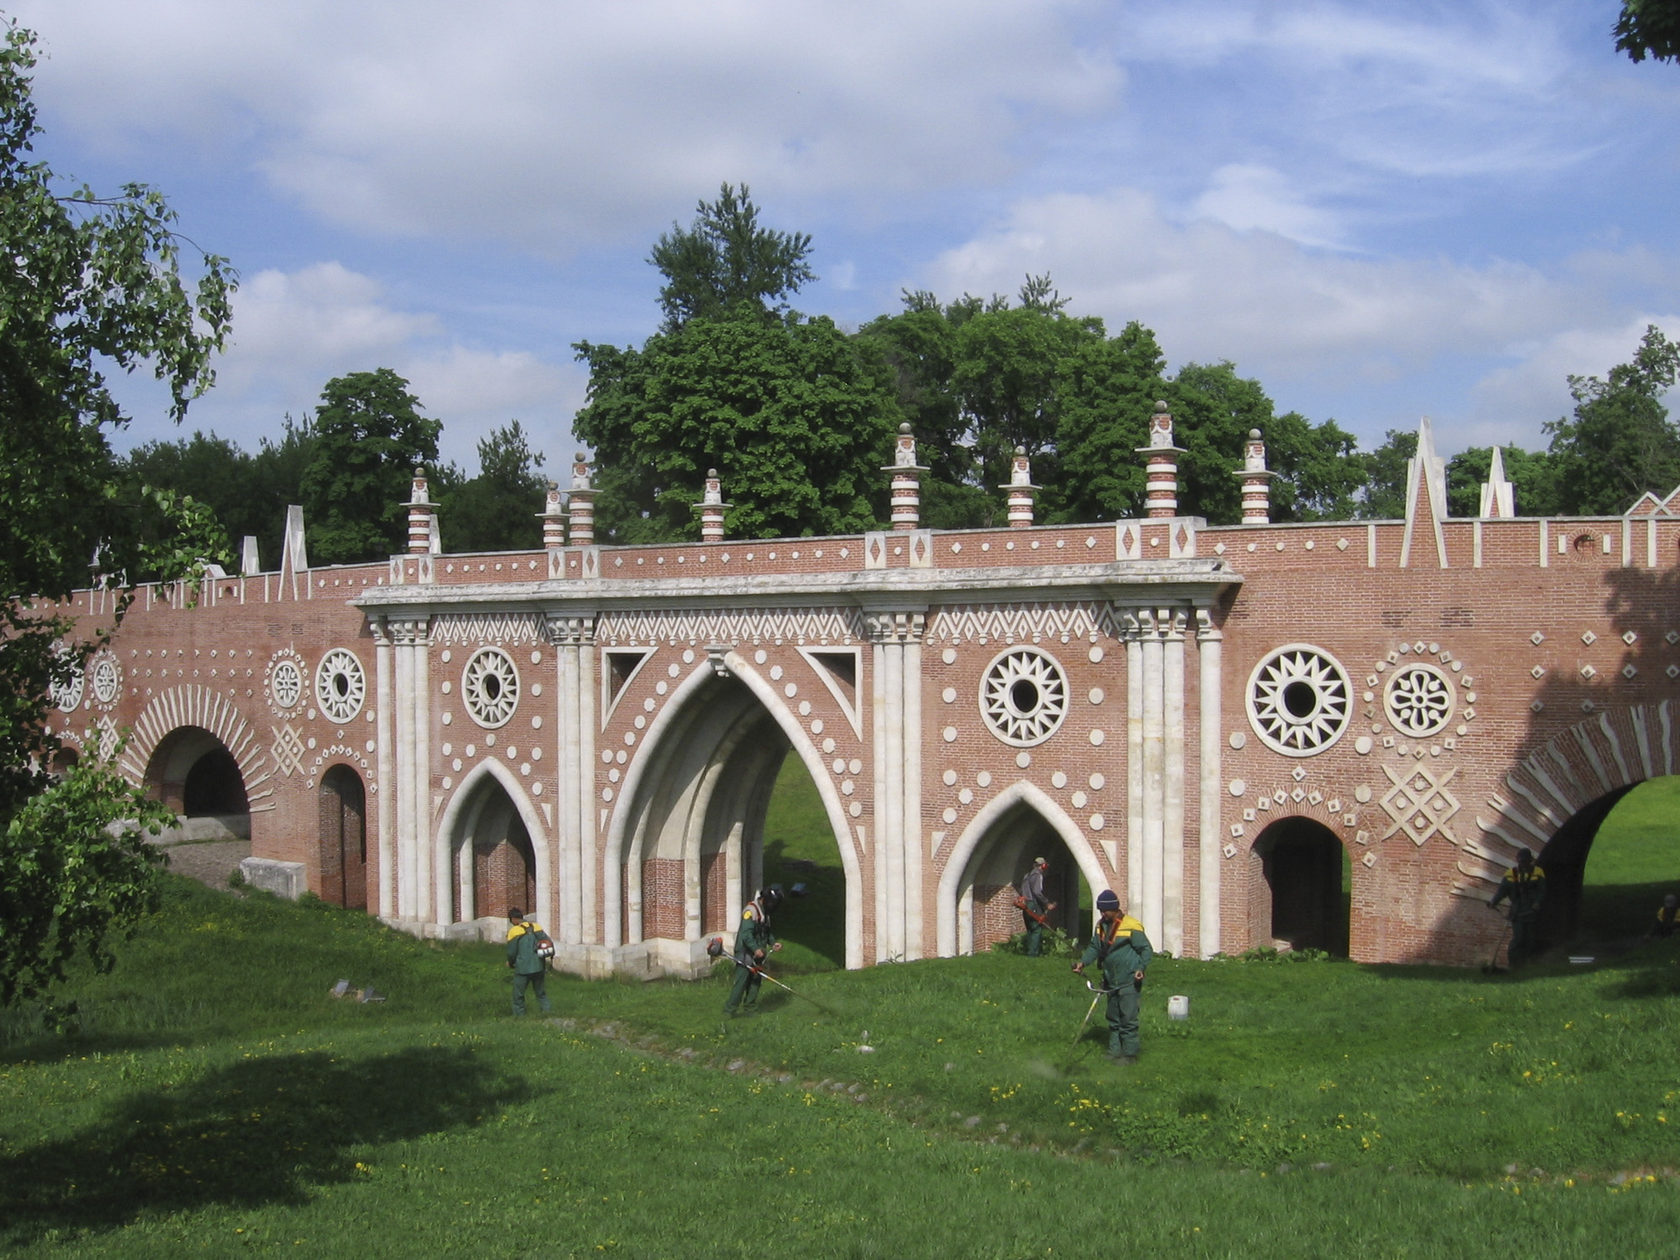 И, конечно, шедевр русской и московской усадебной готики - Царицыно. Большой готический мост (был в руинах - восстановлен в наши дни после того, как Царицыно вновь стало музеем).